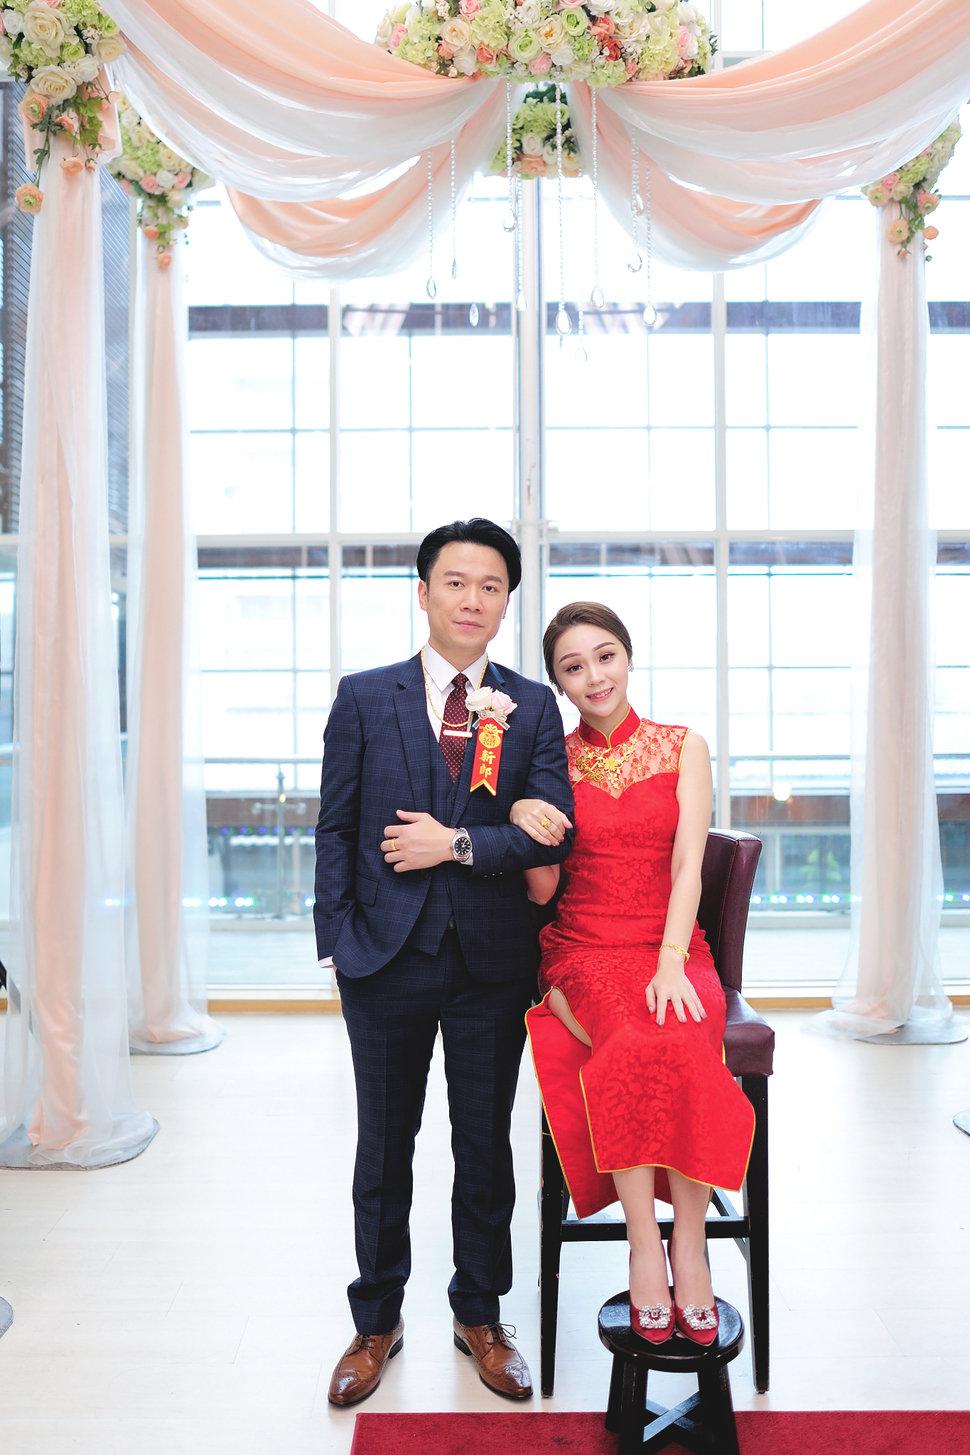 32 - J-Love 婚禮攝影團隊《結婚吧》